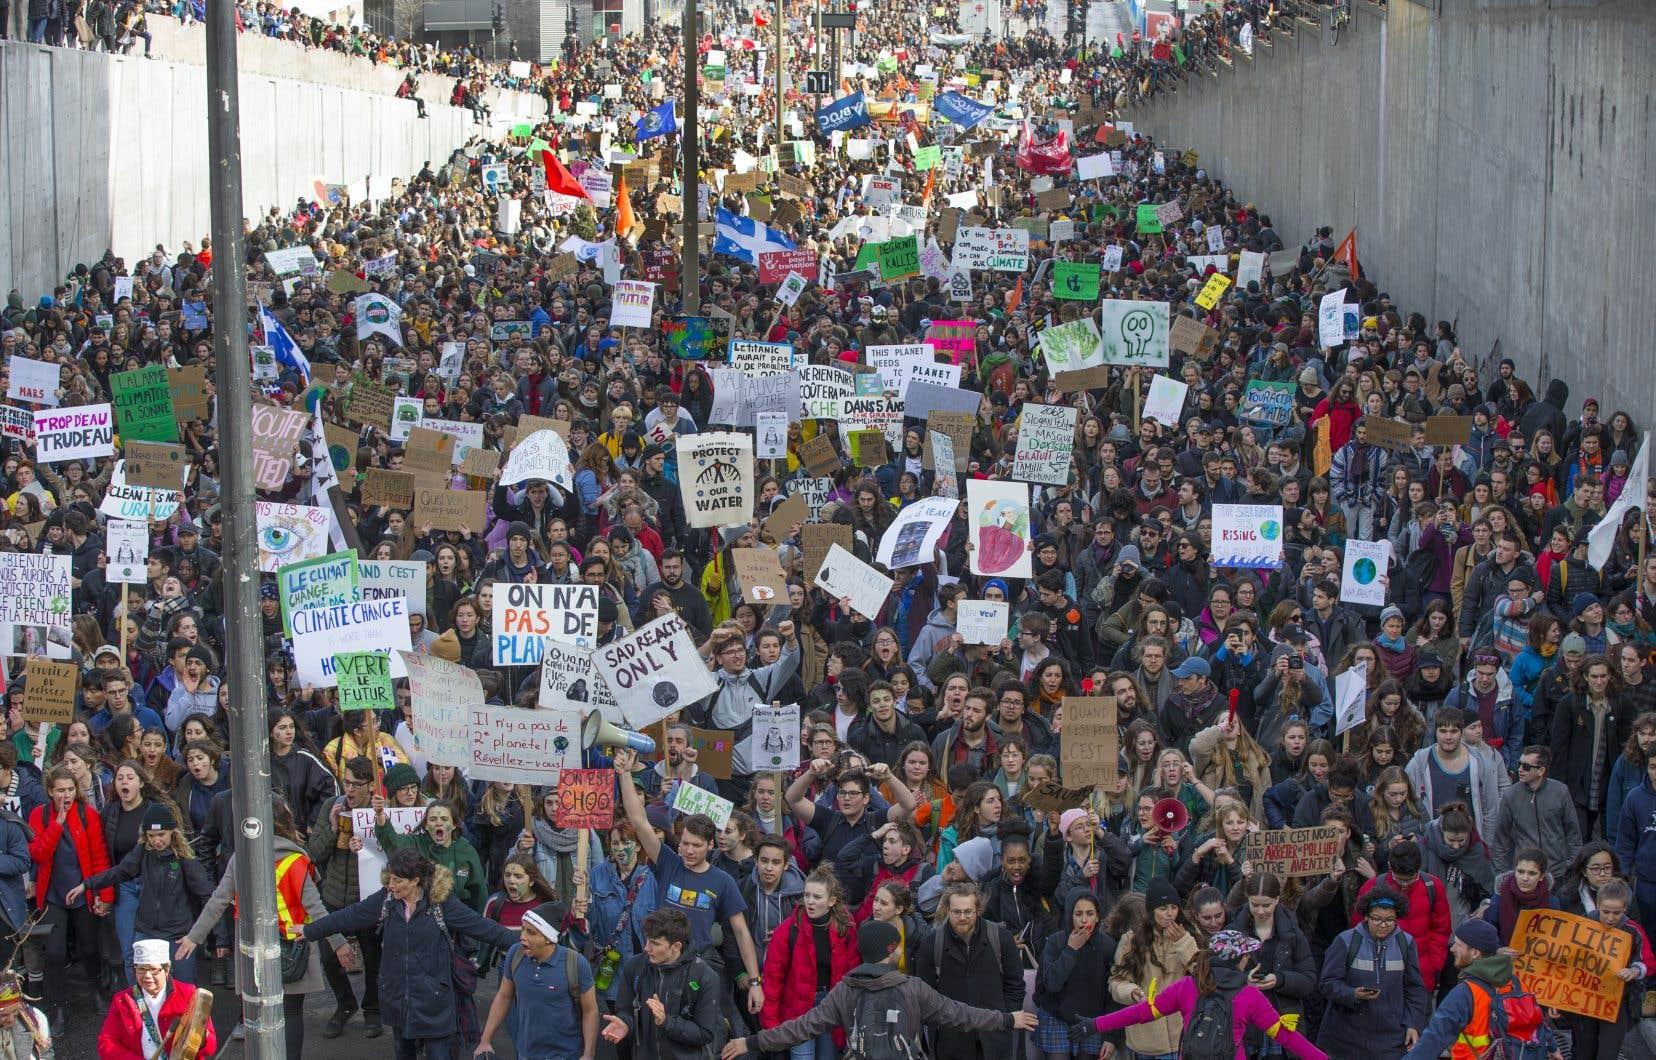 Alors que des millions d'étudiants dans le monde se mobilisent contre les changements climatiques, le sujet de l'examen du ministère apparaissait déplacé.